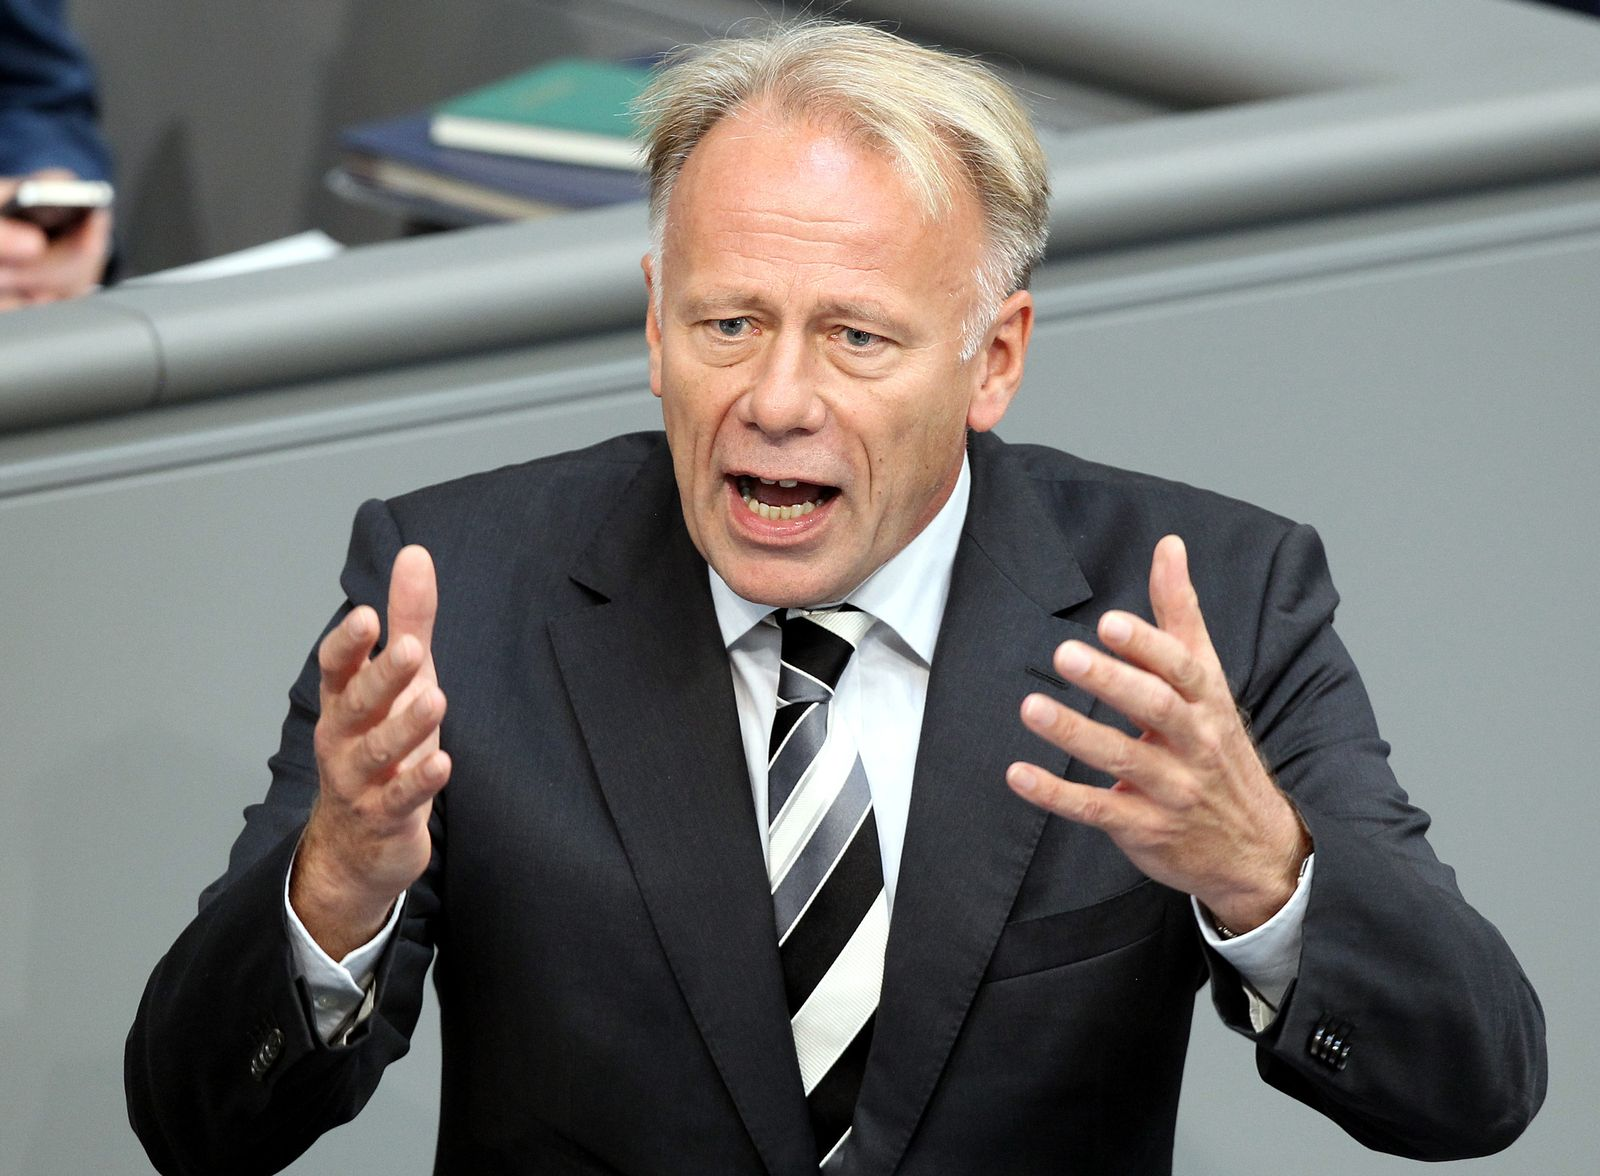 Bundestag Abstimmung über Euro-Rettungsschirm Trittin